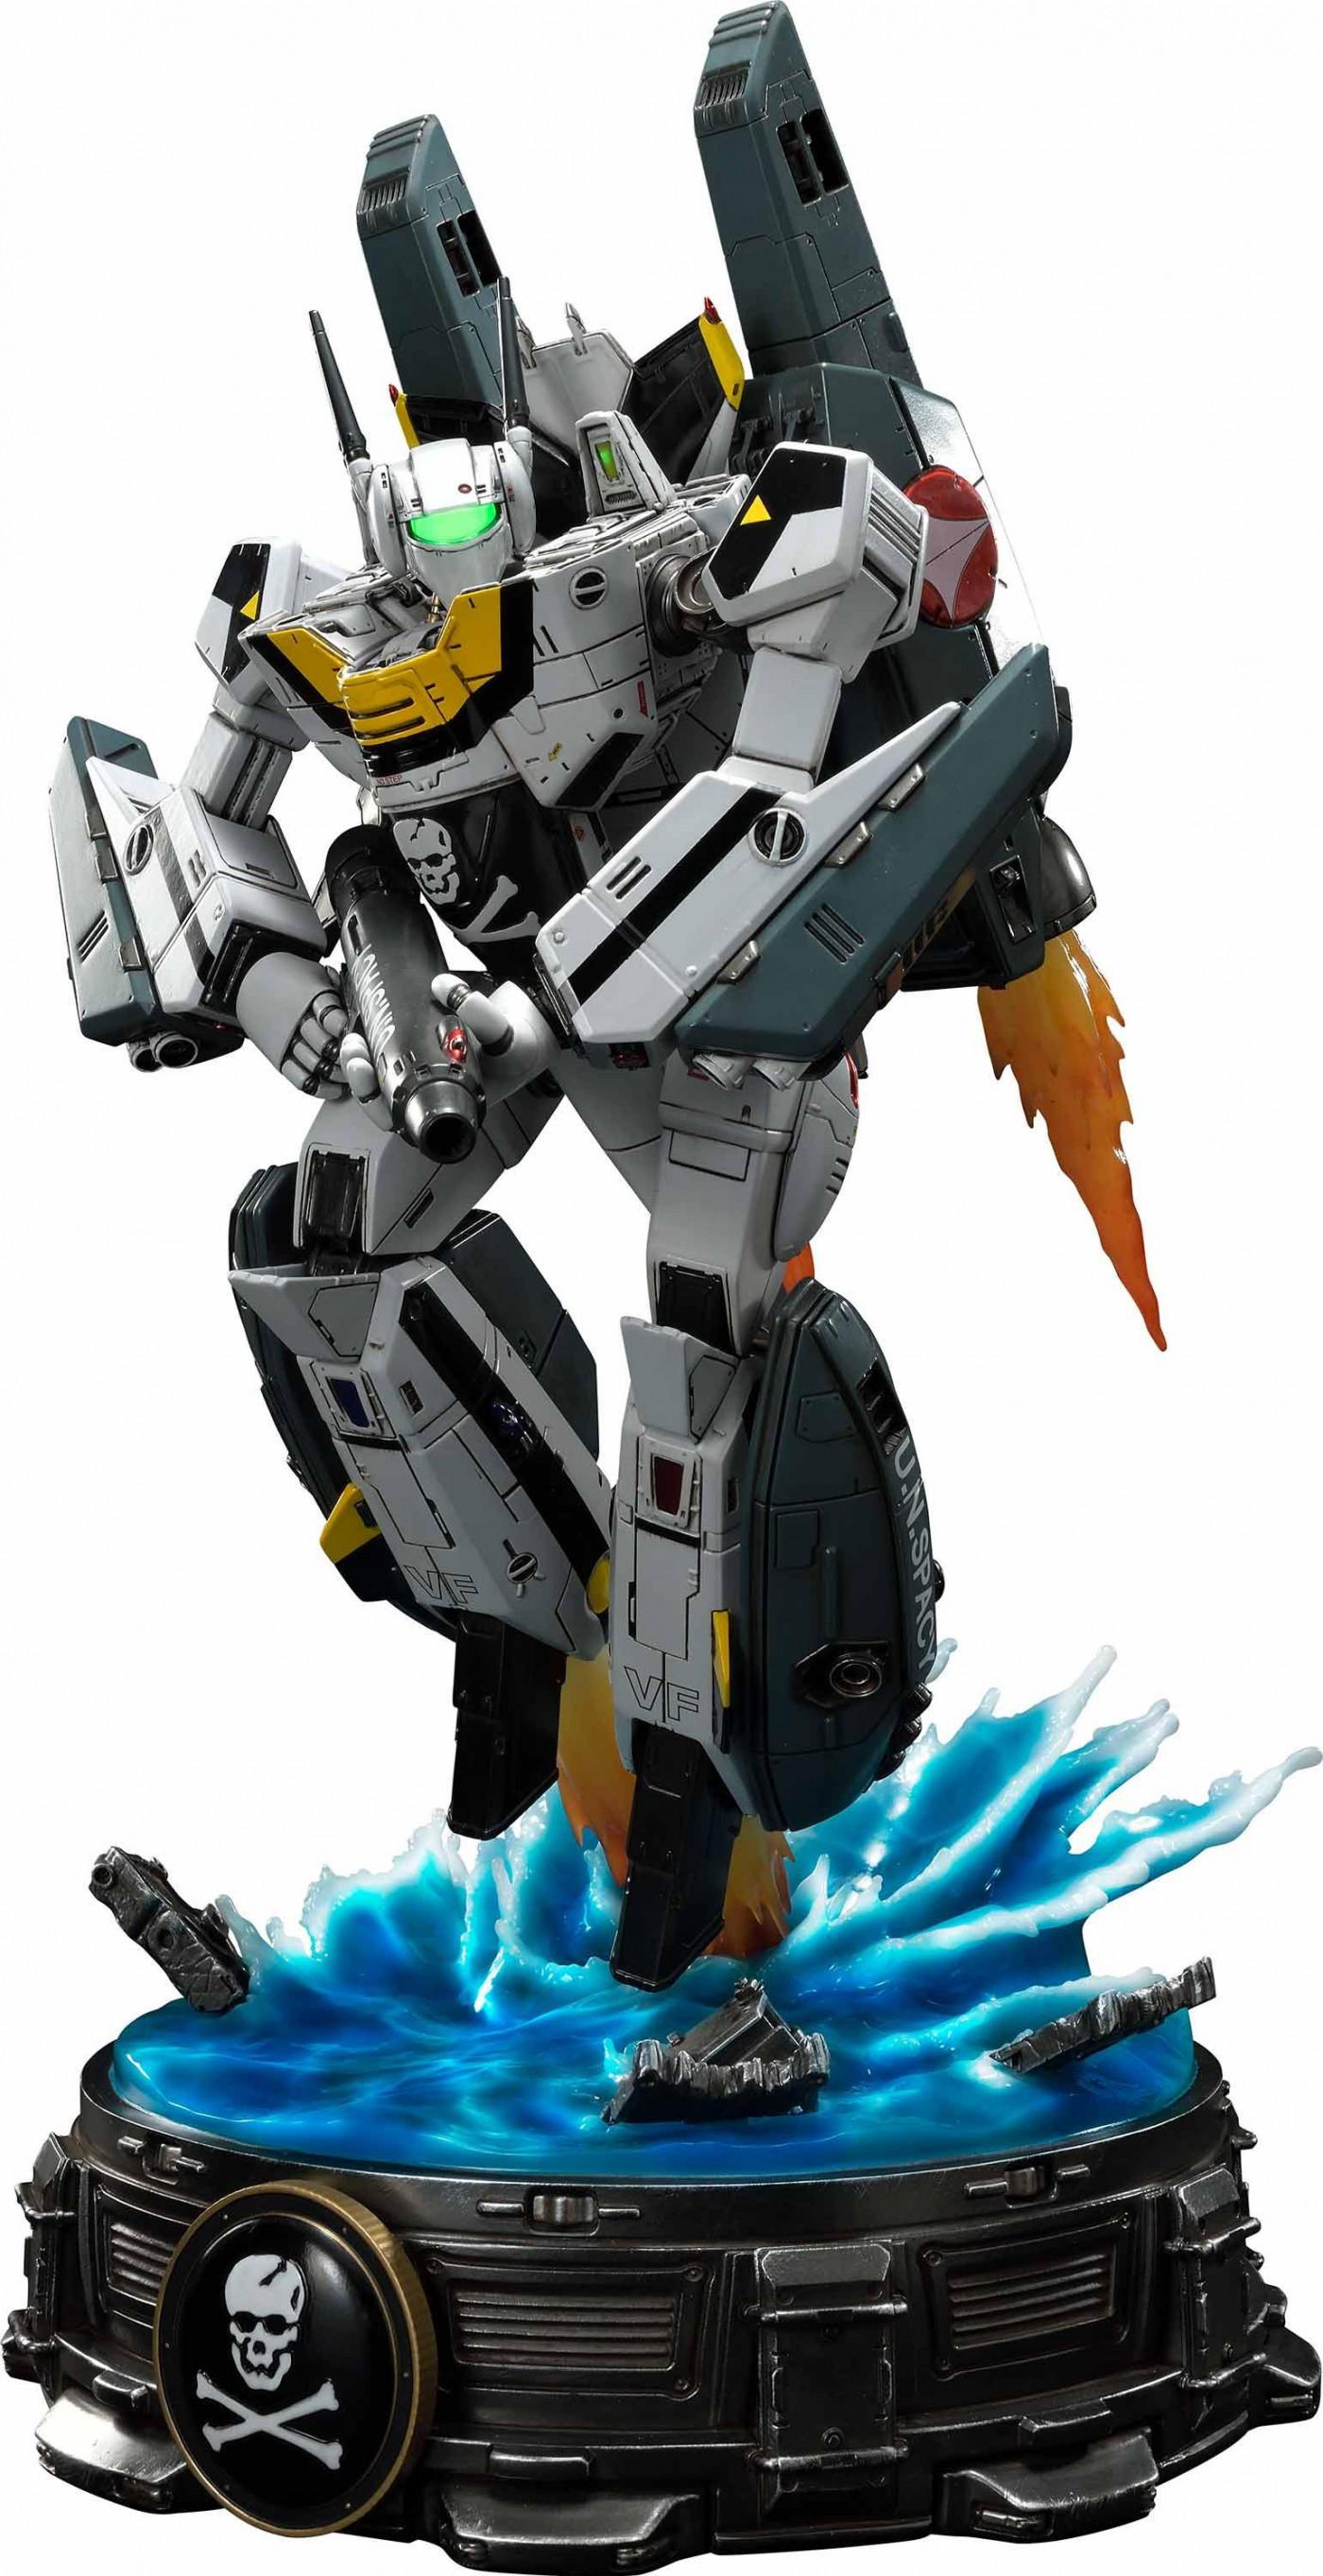 prime1-studio-robotech-macross-vf-1s-skull-leader-battloid-statue-toyslife